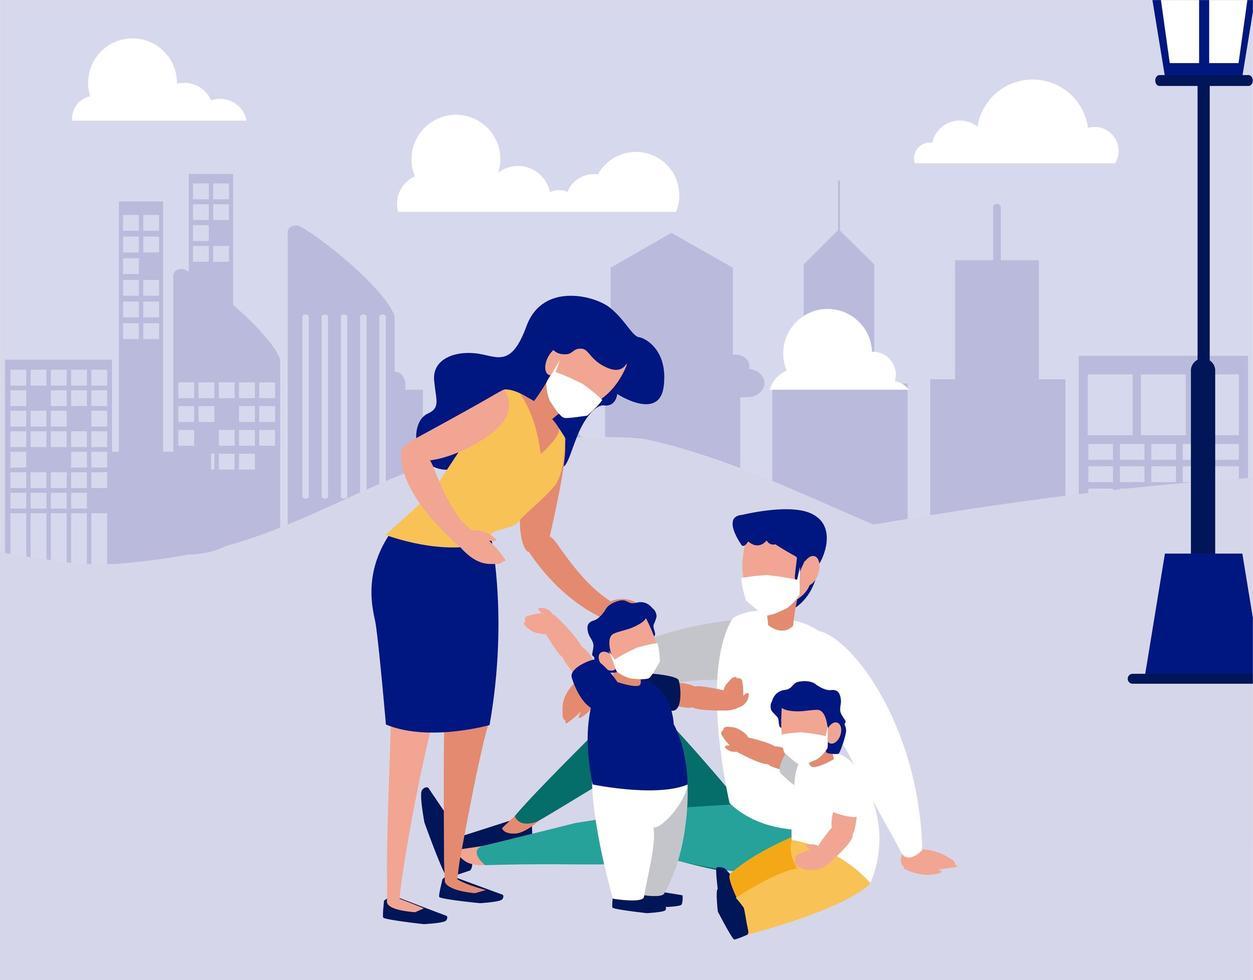 famiglia con maschere al parco di fronte al disegno vettoriale di città